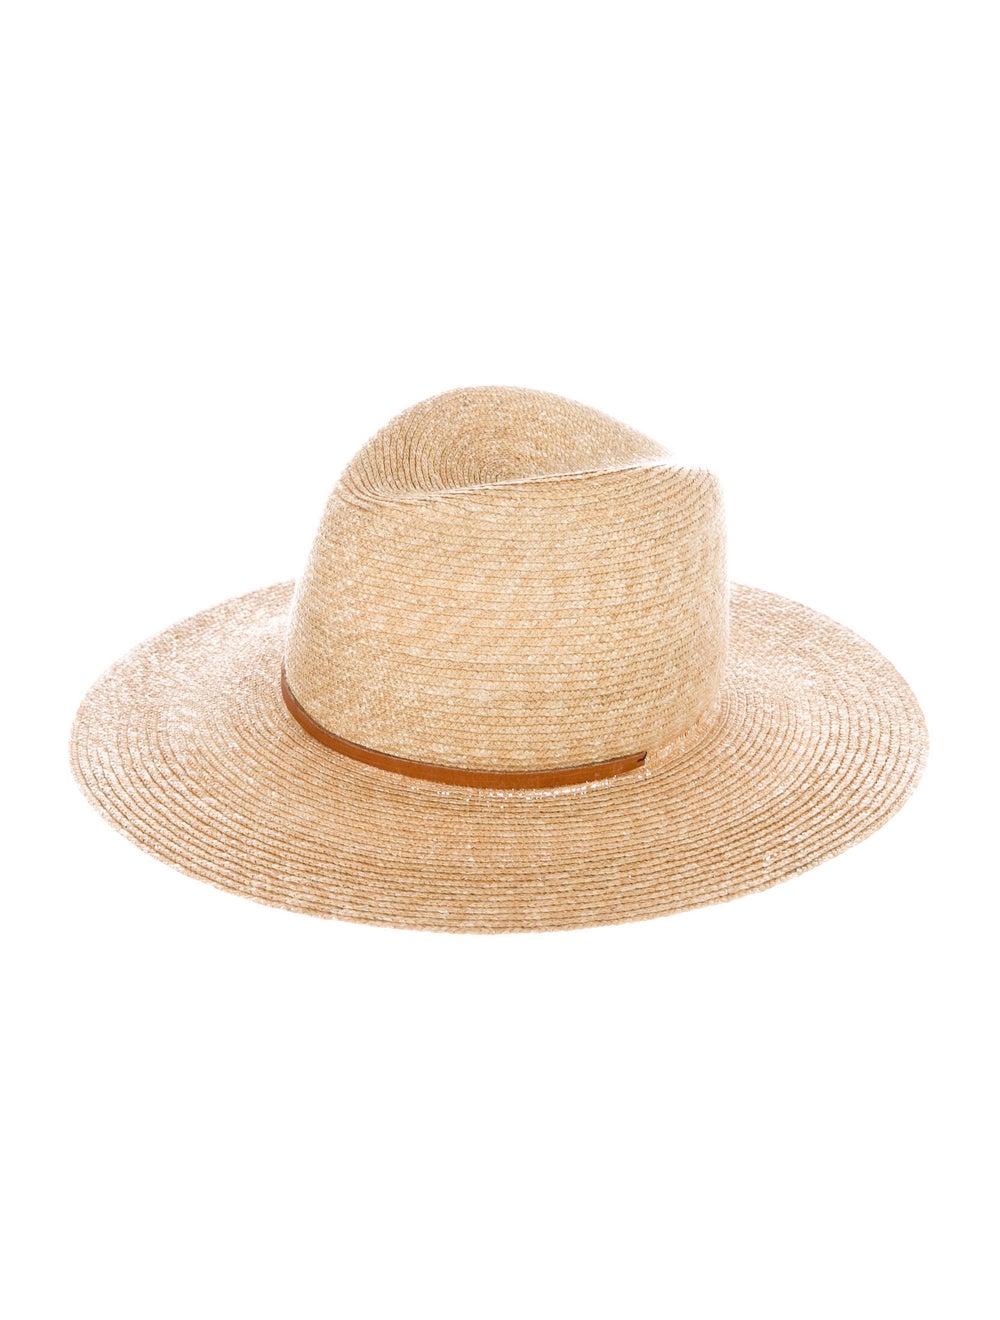 Lola Hats Raffia Wide Brim Hat Tan - image 1